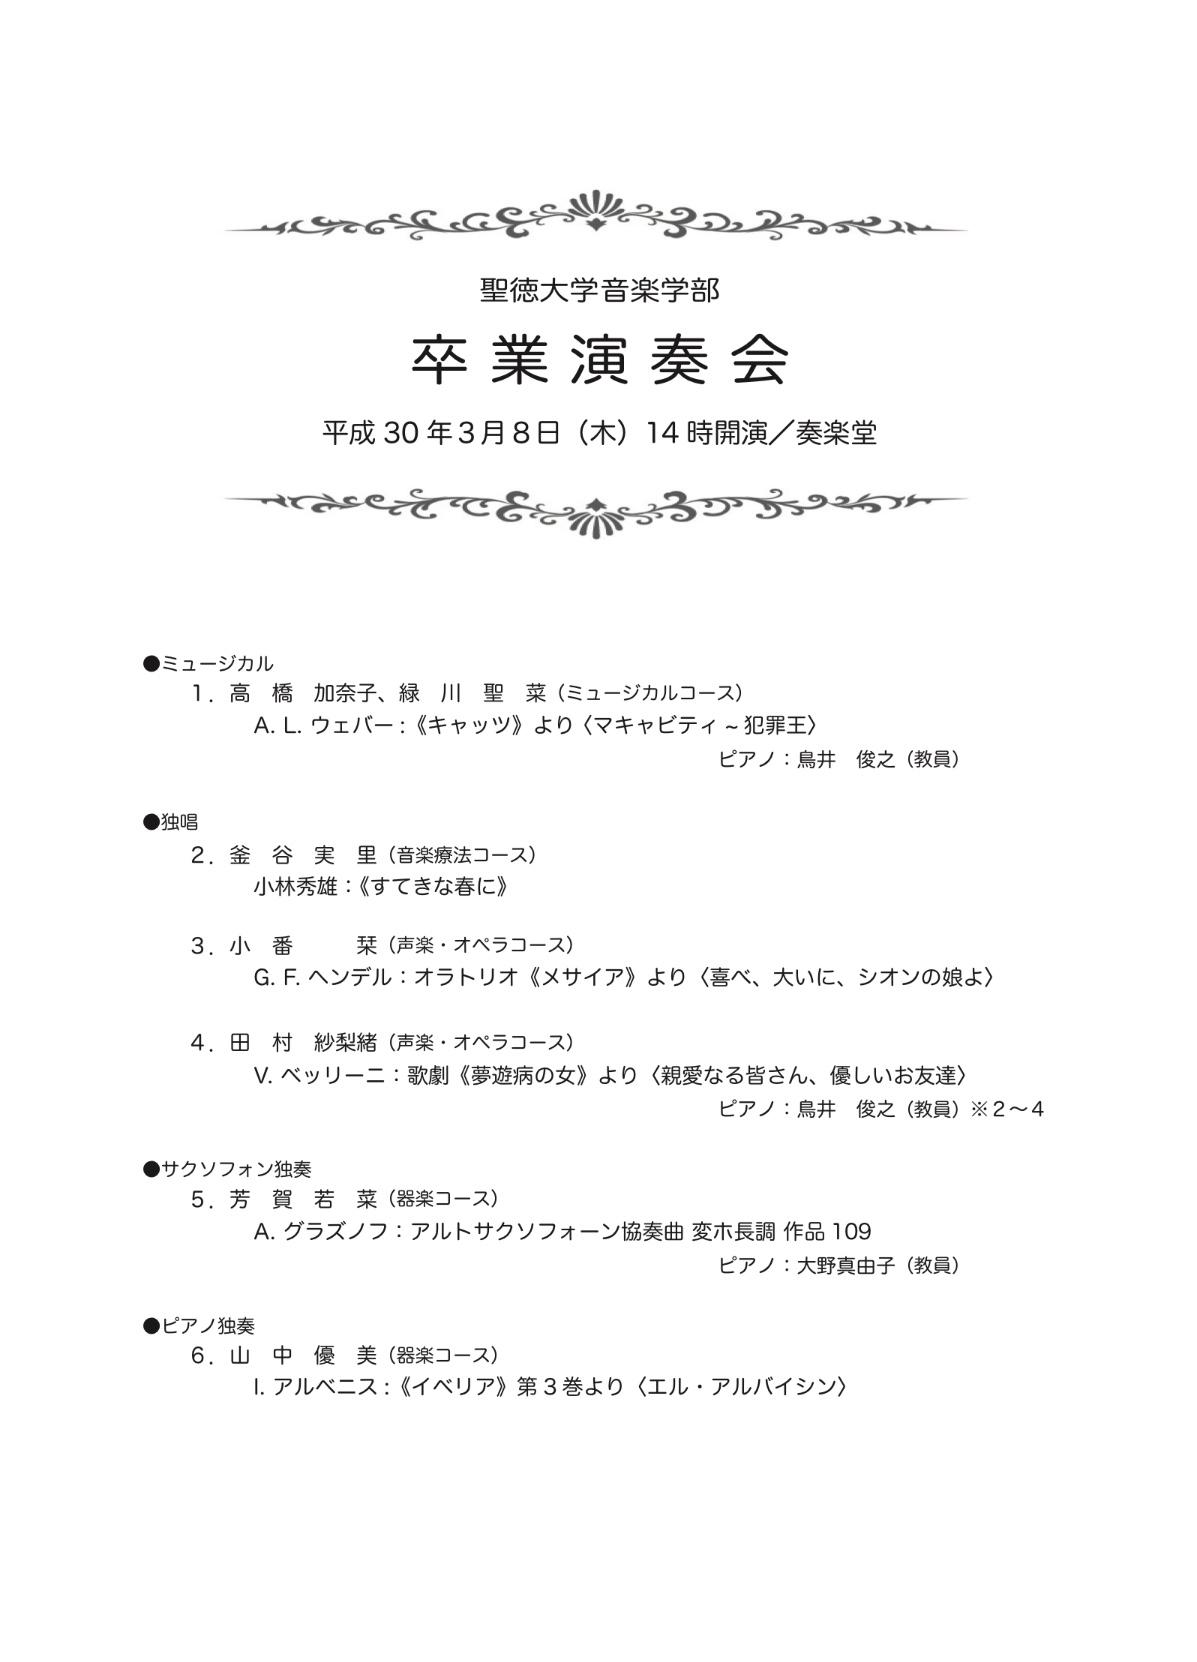 3月8日(木)卒業演奏会を開催します!